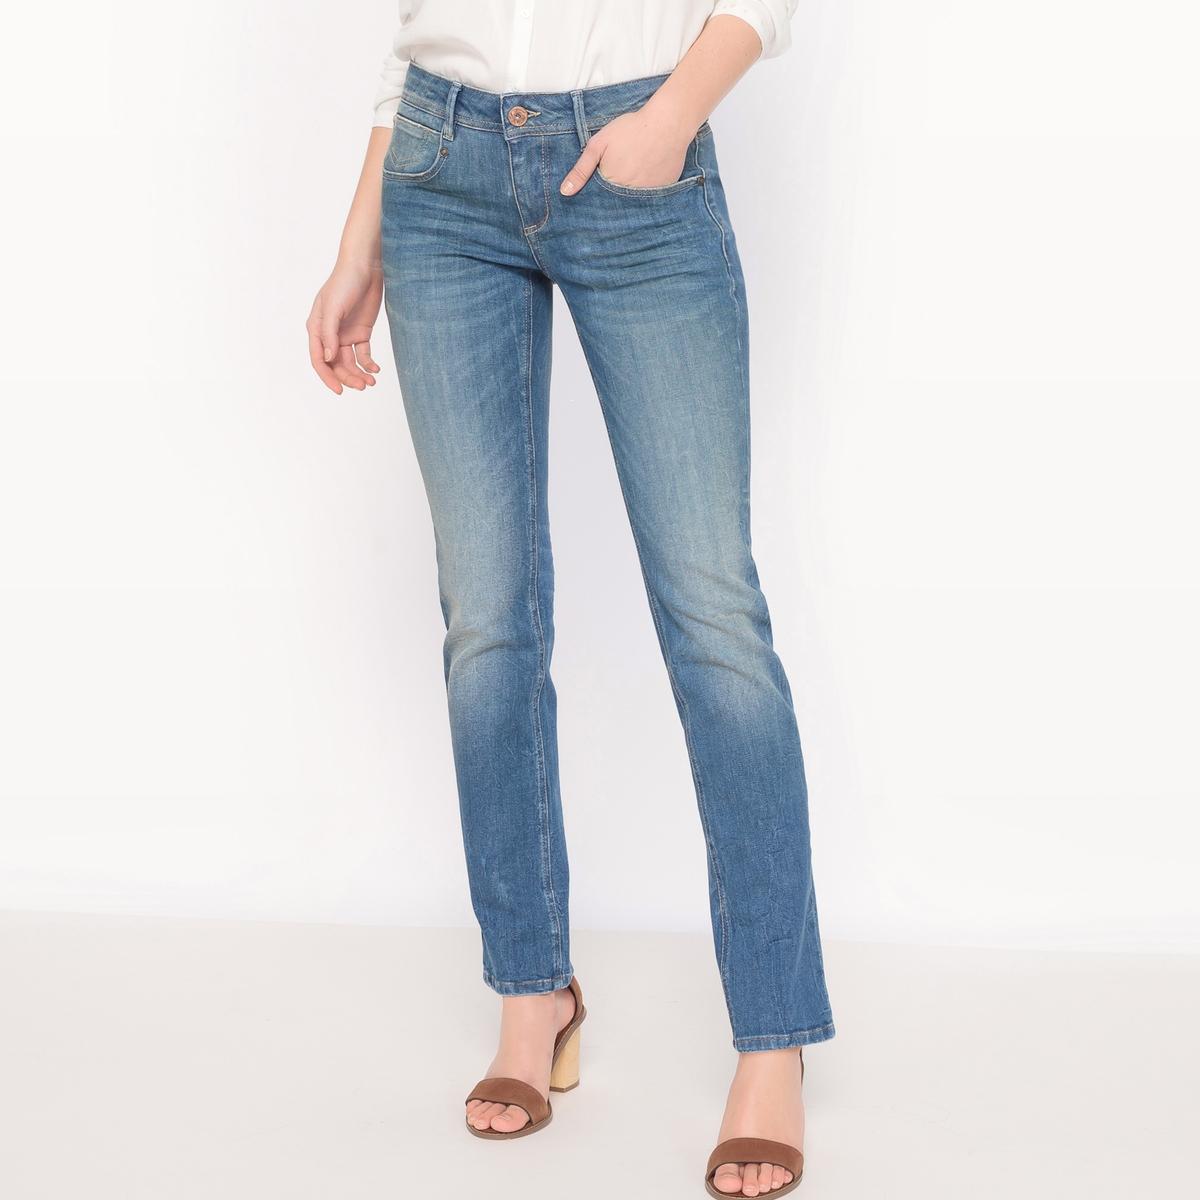 Джинсы прямые CHARLIE, стандартная высота поясаМатериал : 90% хлопка, 8% эластомультиэстера, 2% эластана            Высота пояса : стандартная          Покрой джинсов : классический, прямой          Длина джинсов : длина 32<br><br>Цвет: синий<br>Размер: 25 длина 32.24 длина 32.27 длина 32.29 длина 32